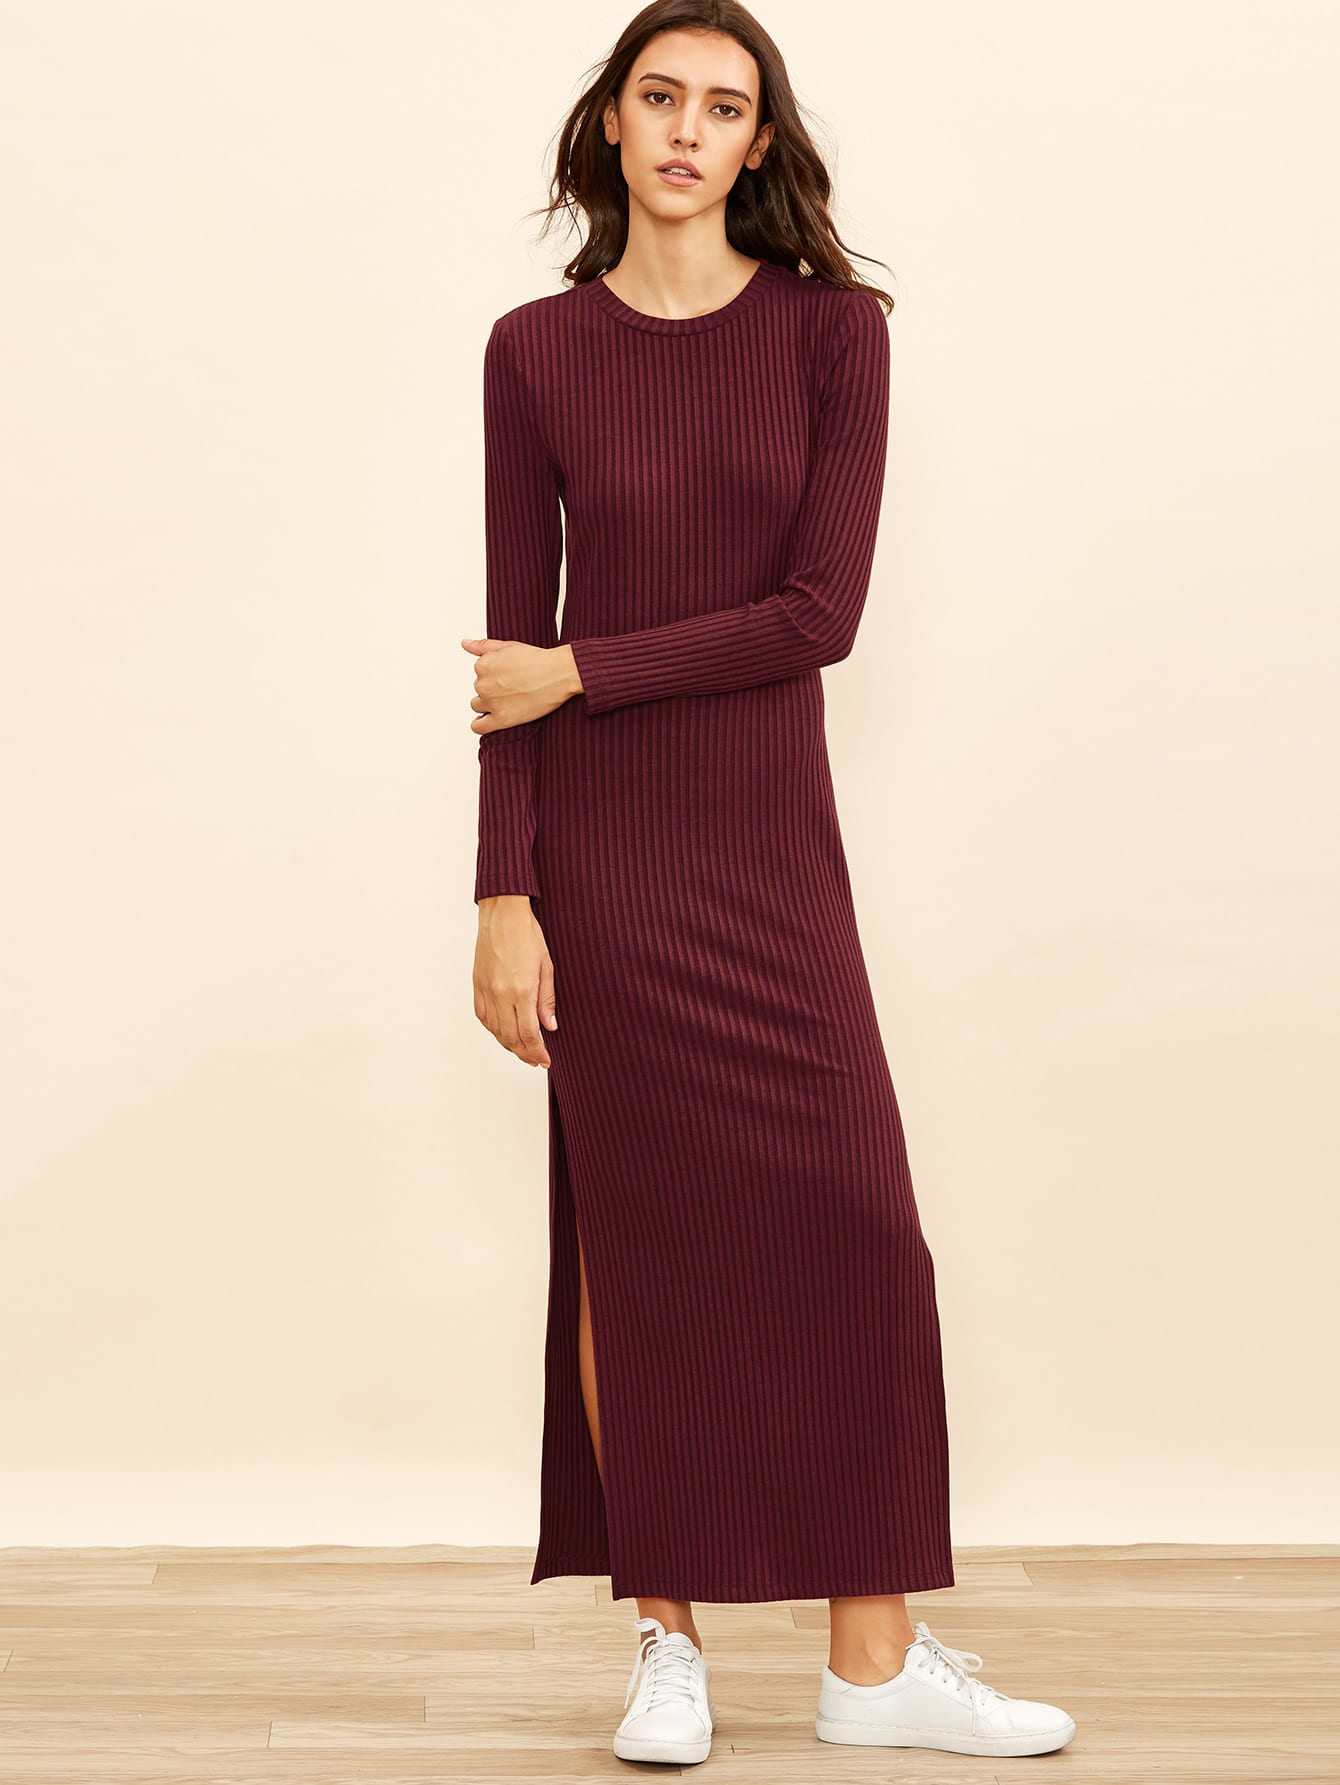 dress160913706_2